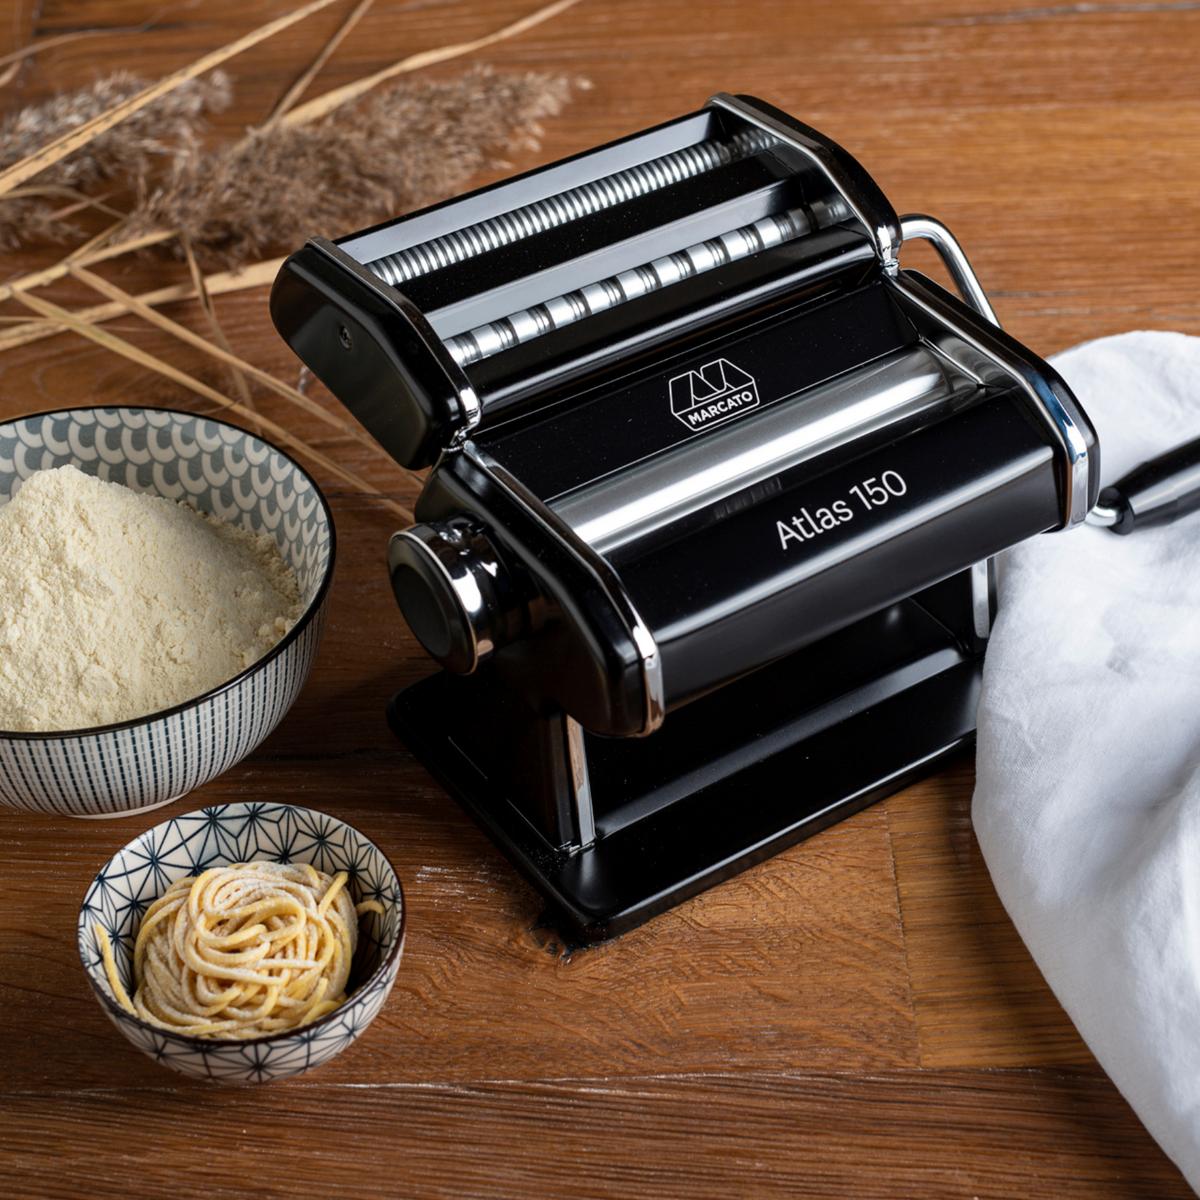 A Atlas 150 surge na versão preta, em alumínio anodizado. Criatividade e elegância na sua cozinha! Feita com cilindros especiais em alumínio que garantem a qualidade no preparo do alimento.